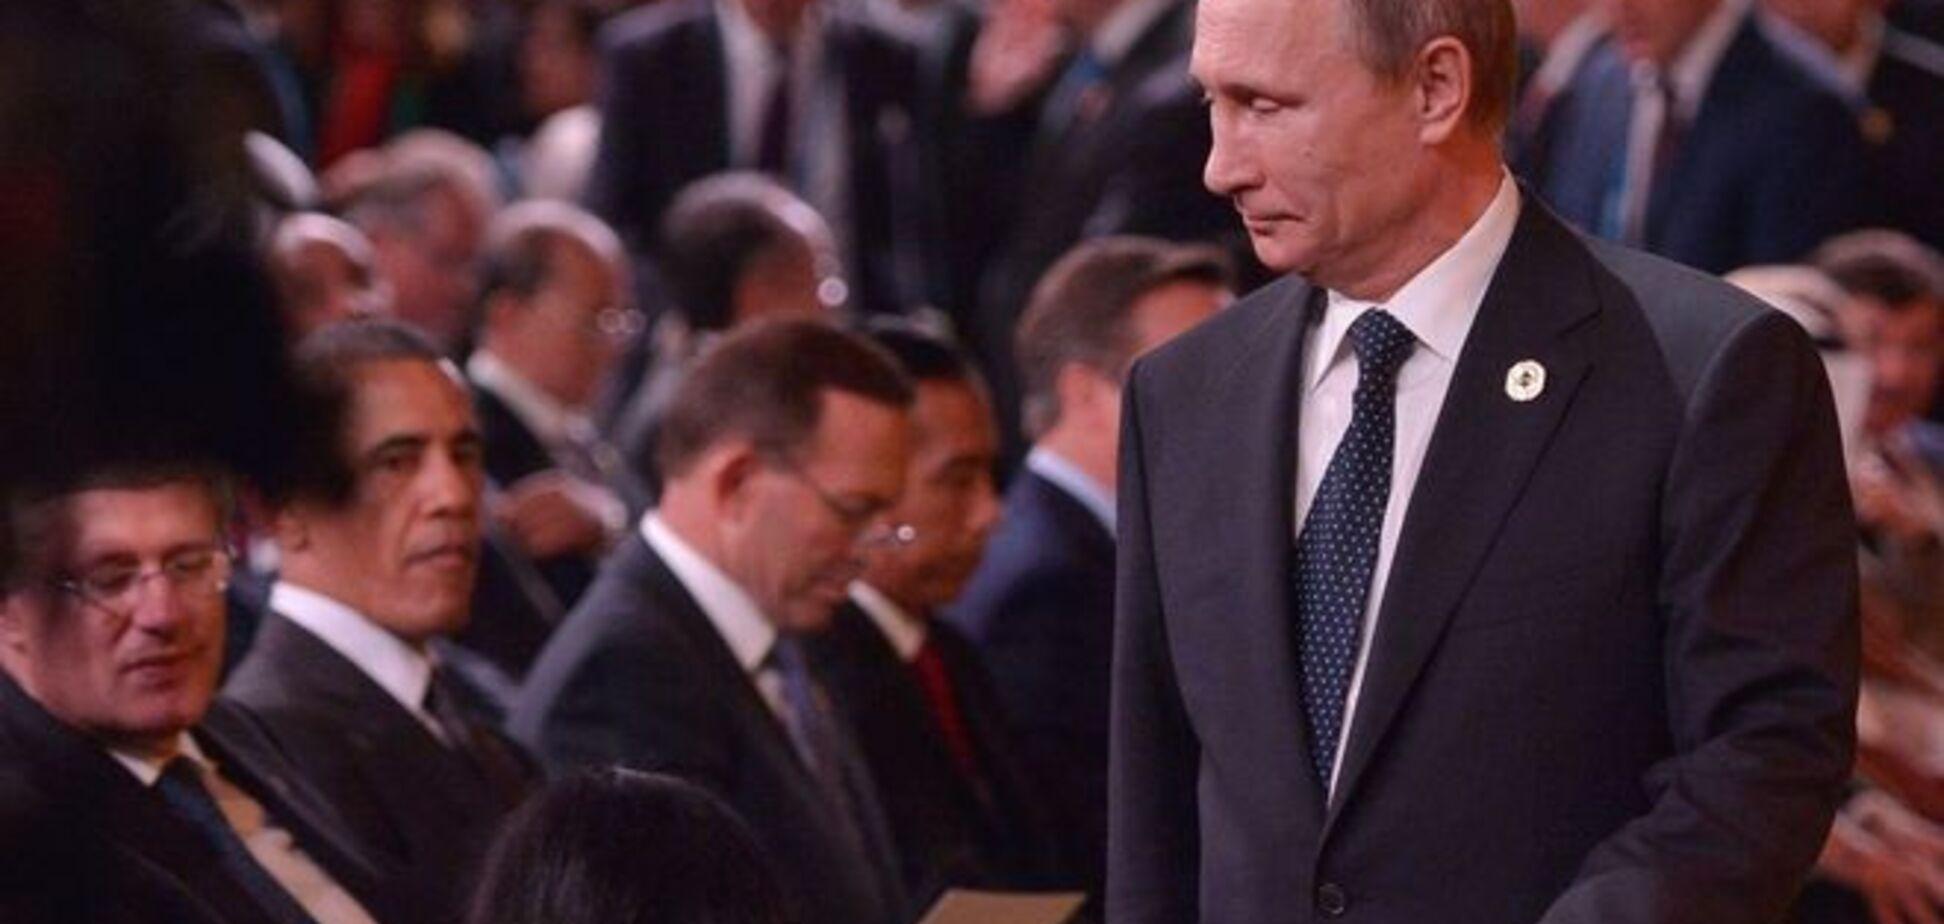 Премьер Канады, пожимая руку Путину, посоветовал ему убираться из Украины